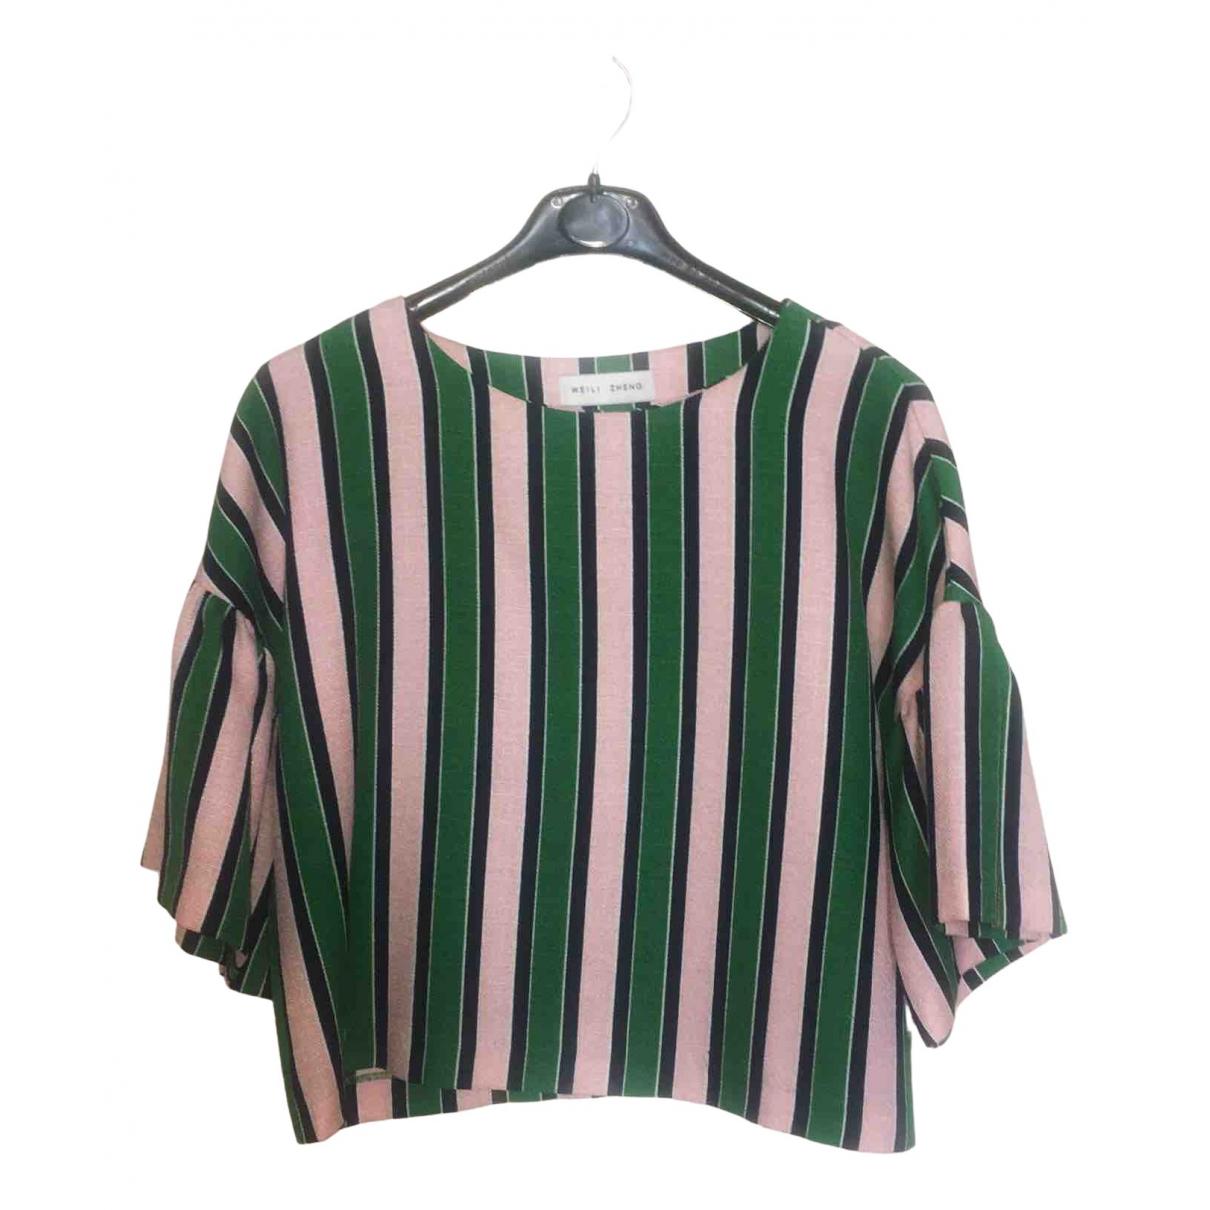 Camiseta Weili Zheng